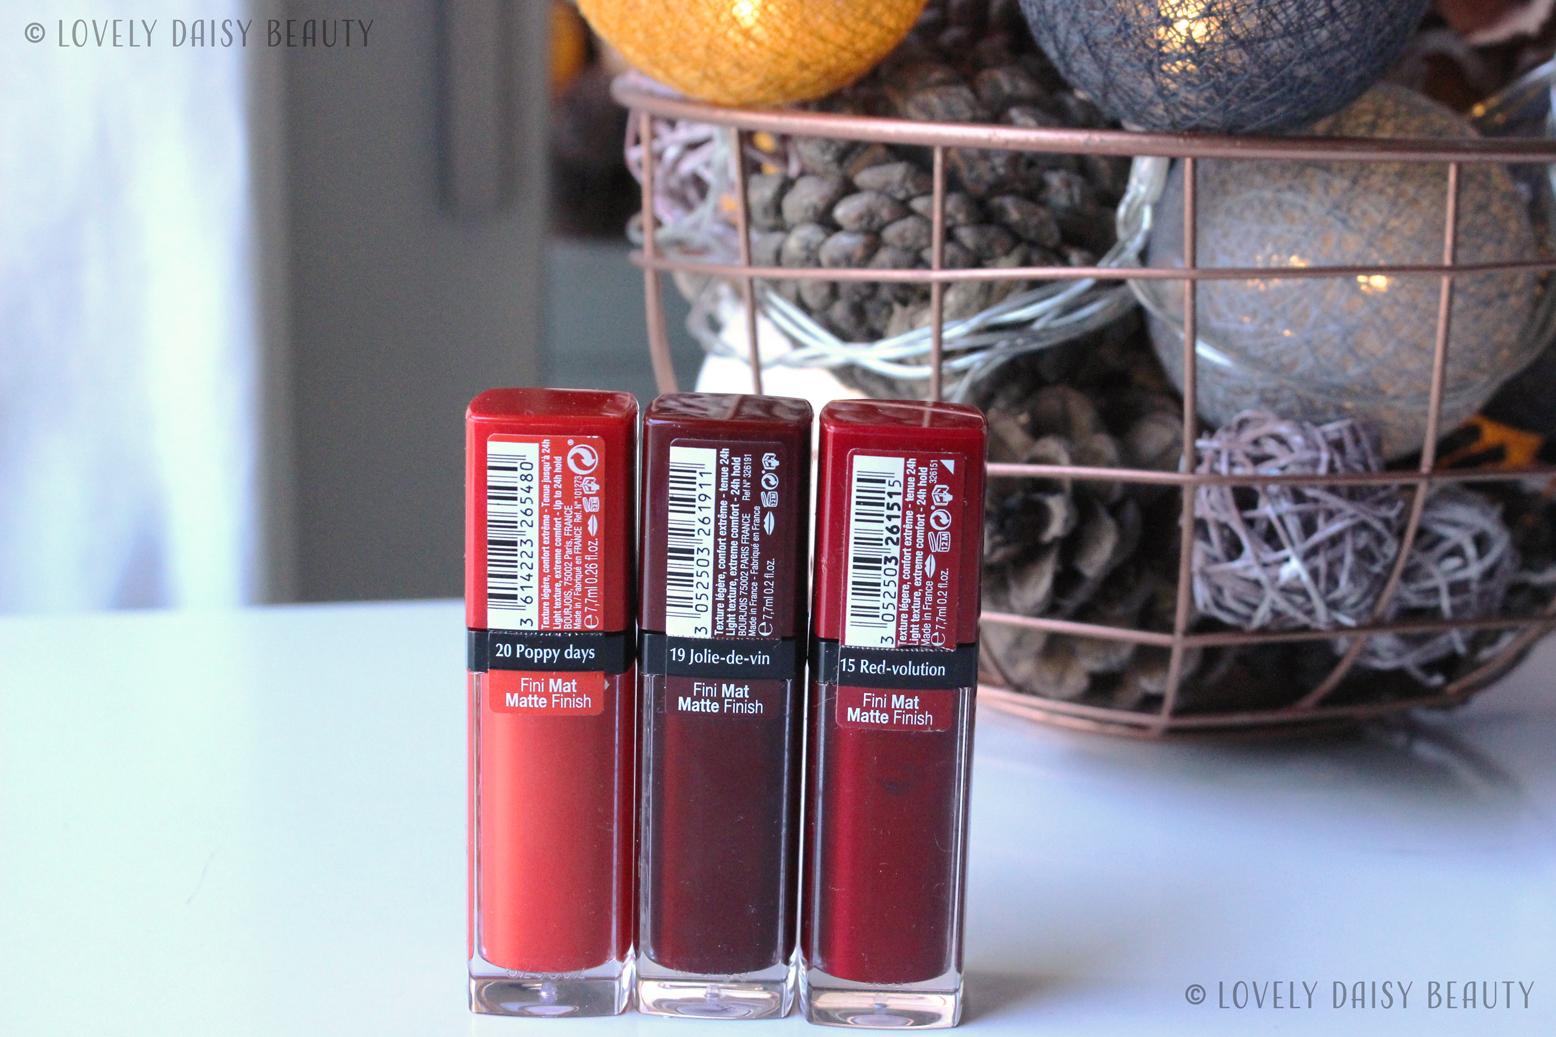 Rouge-Edition-Velvet-poppy-days-redvolution-jolie-de-vin2